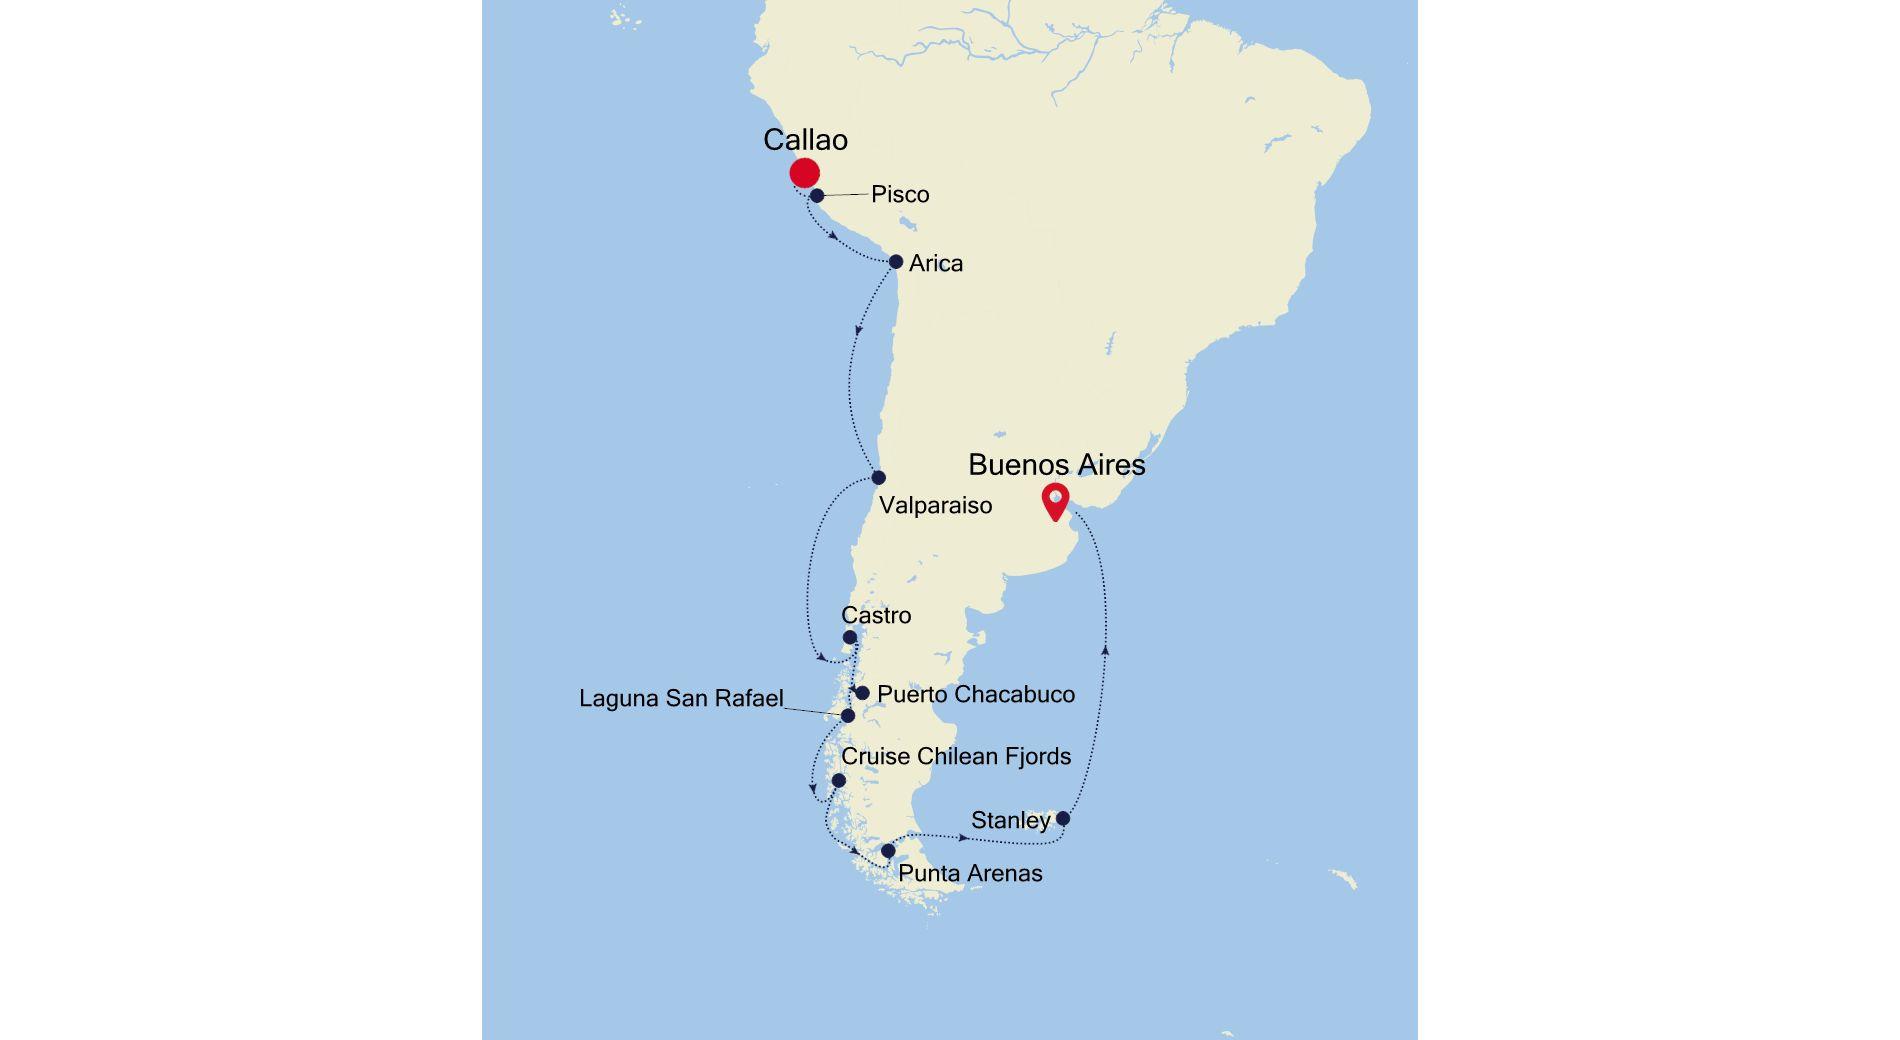 3002 - Callao to Buenos Aires